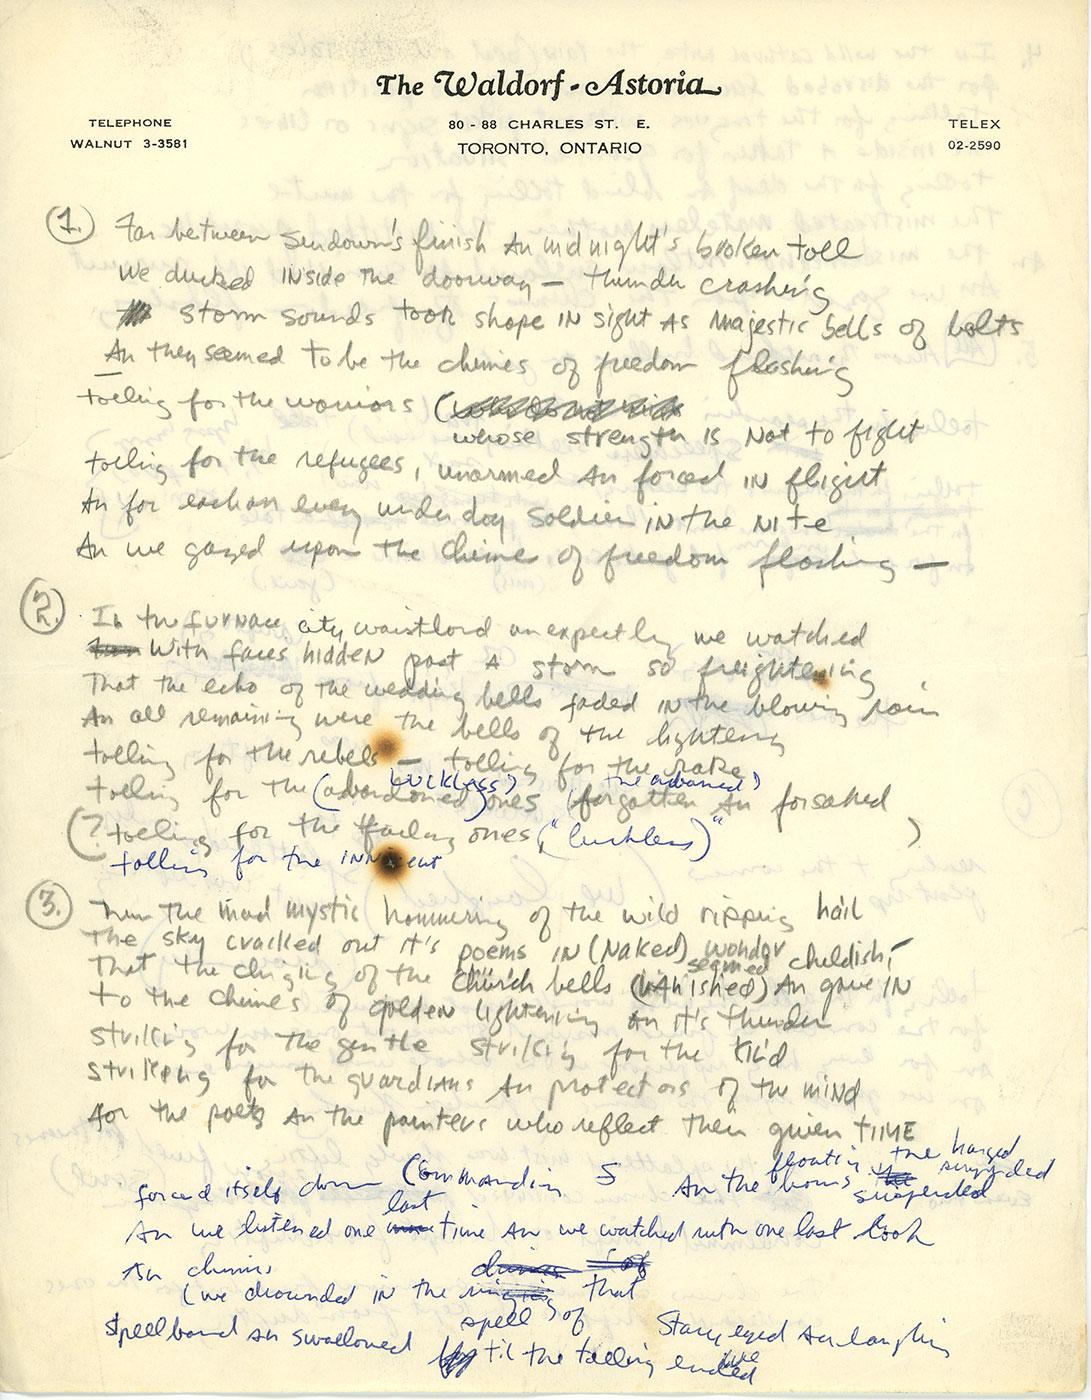 Manuscrito de Bob Dylan que estará em exposição em novo museu dedicado ao músico